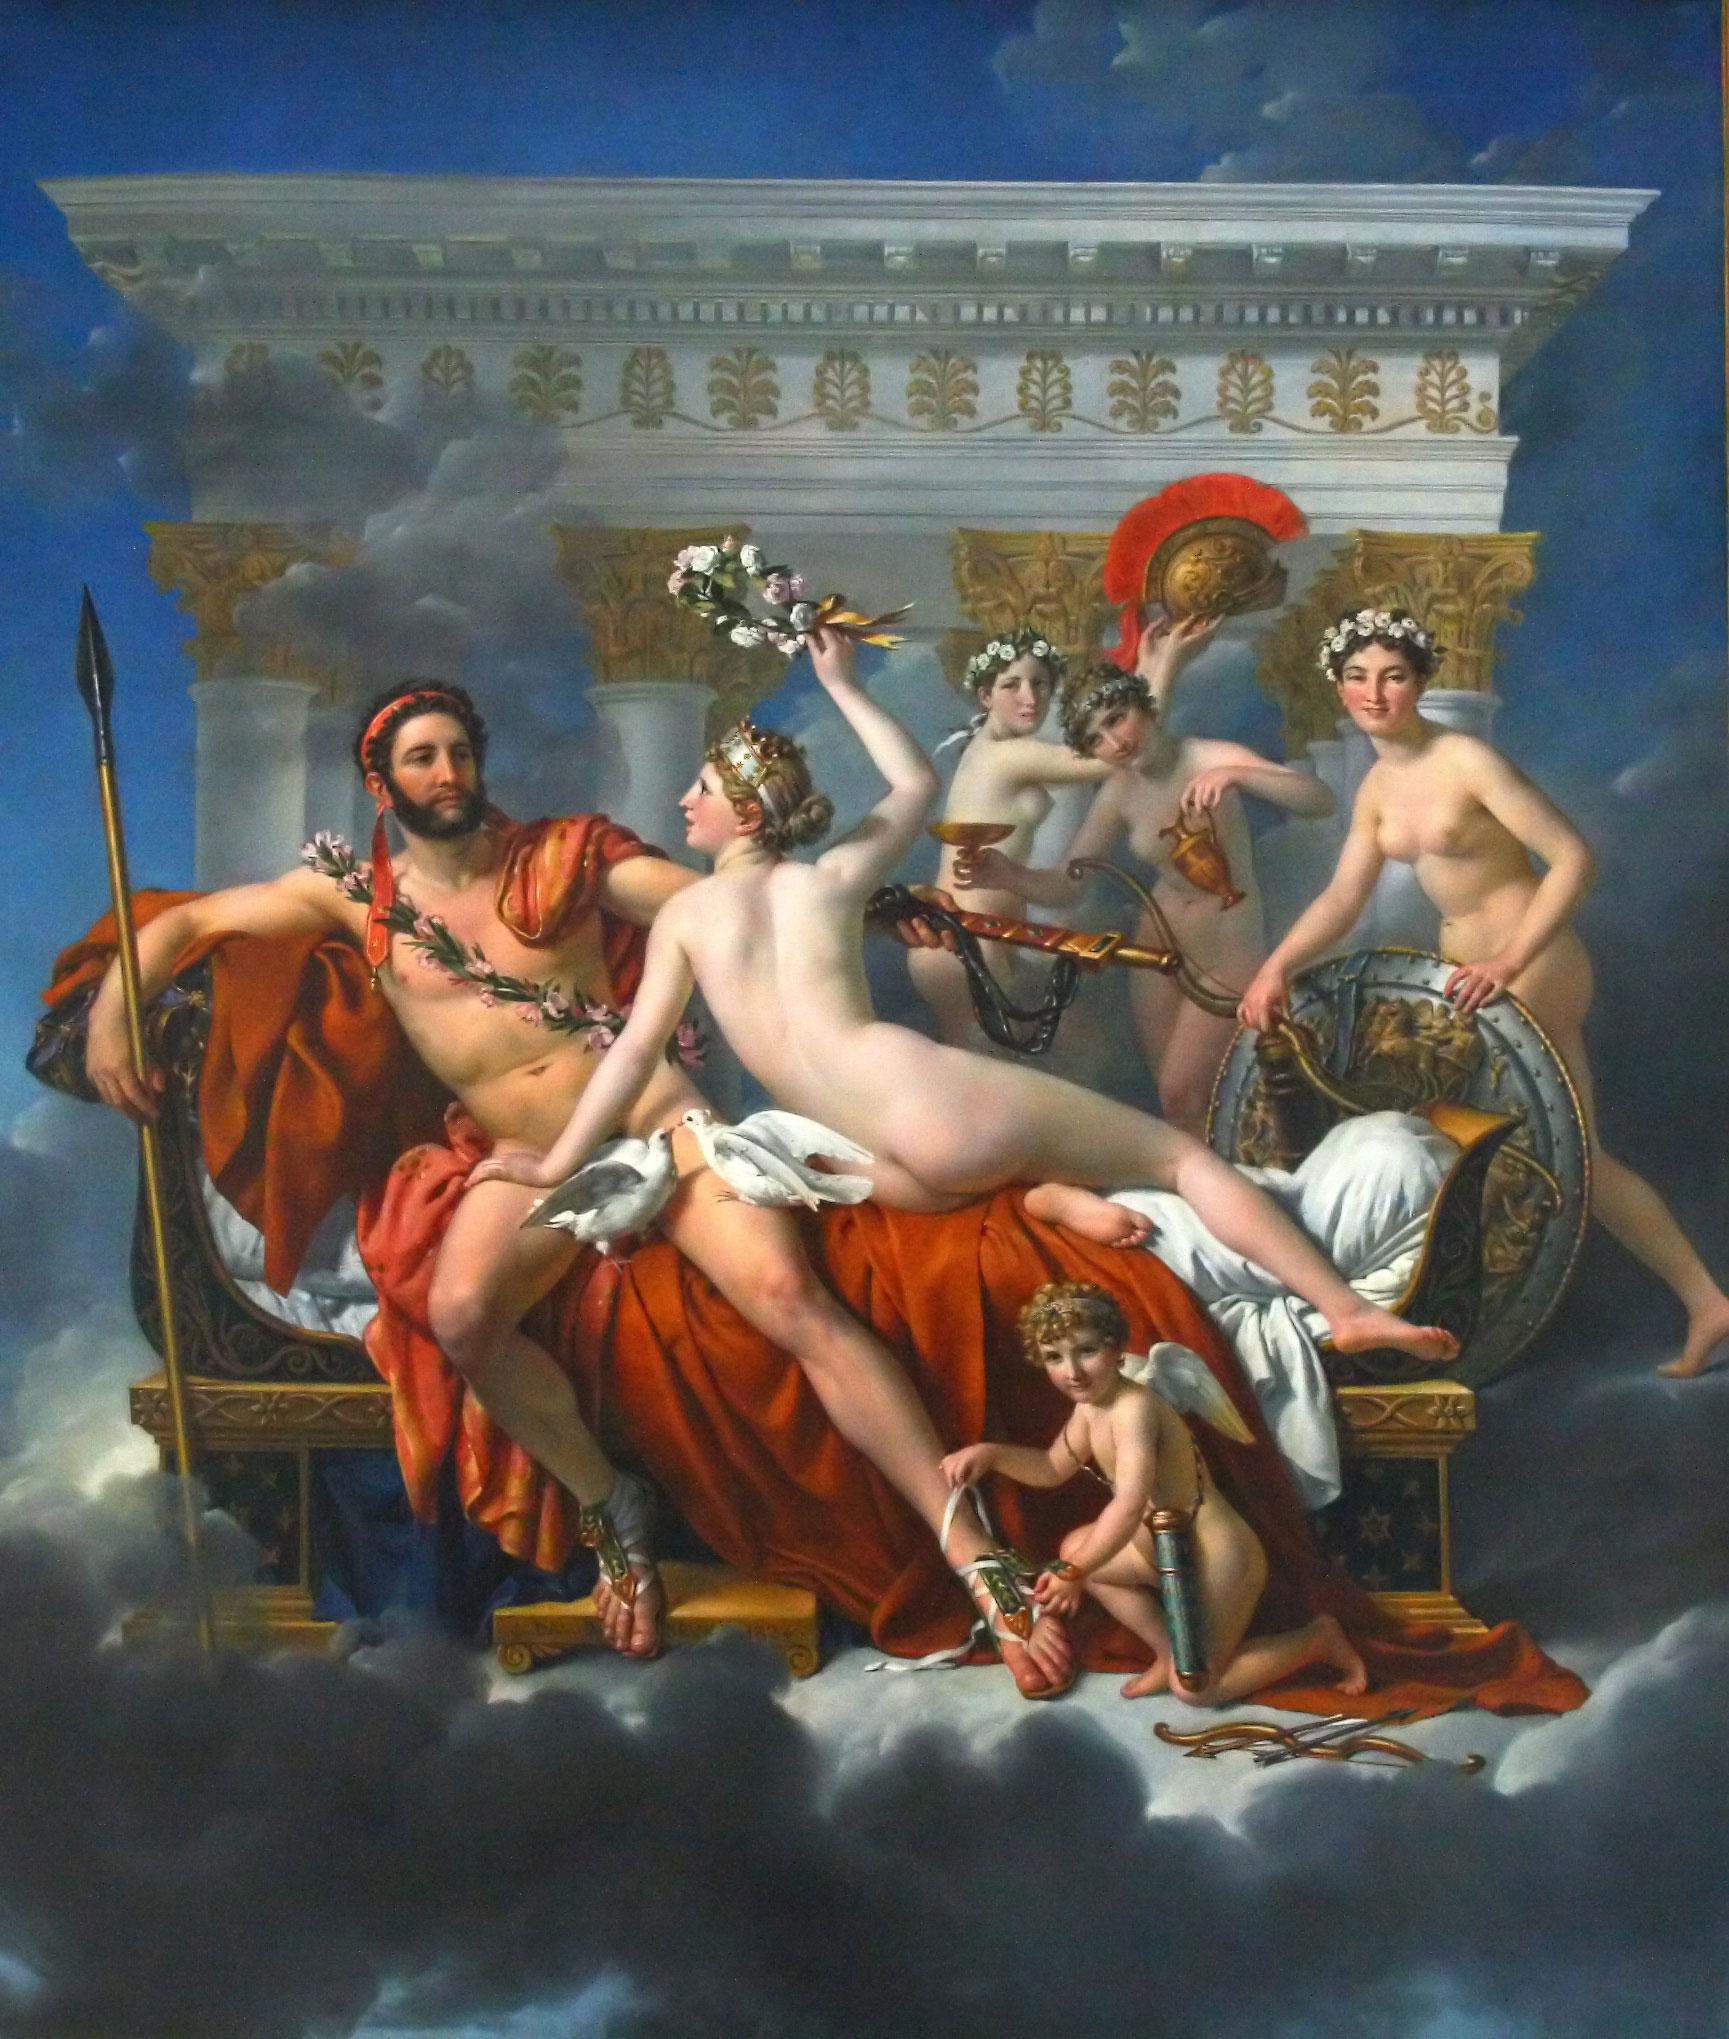 Марс разоружённый Венерой и тремя грациями ::  Жак Луи Давид - Картины ню, эротика в шедеврах живописи фото